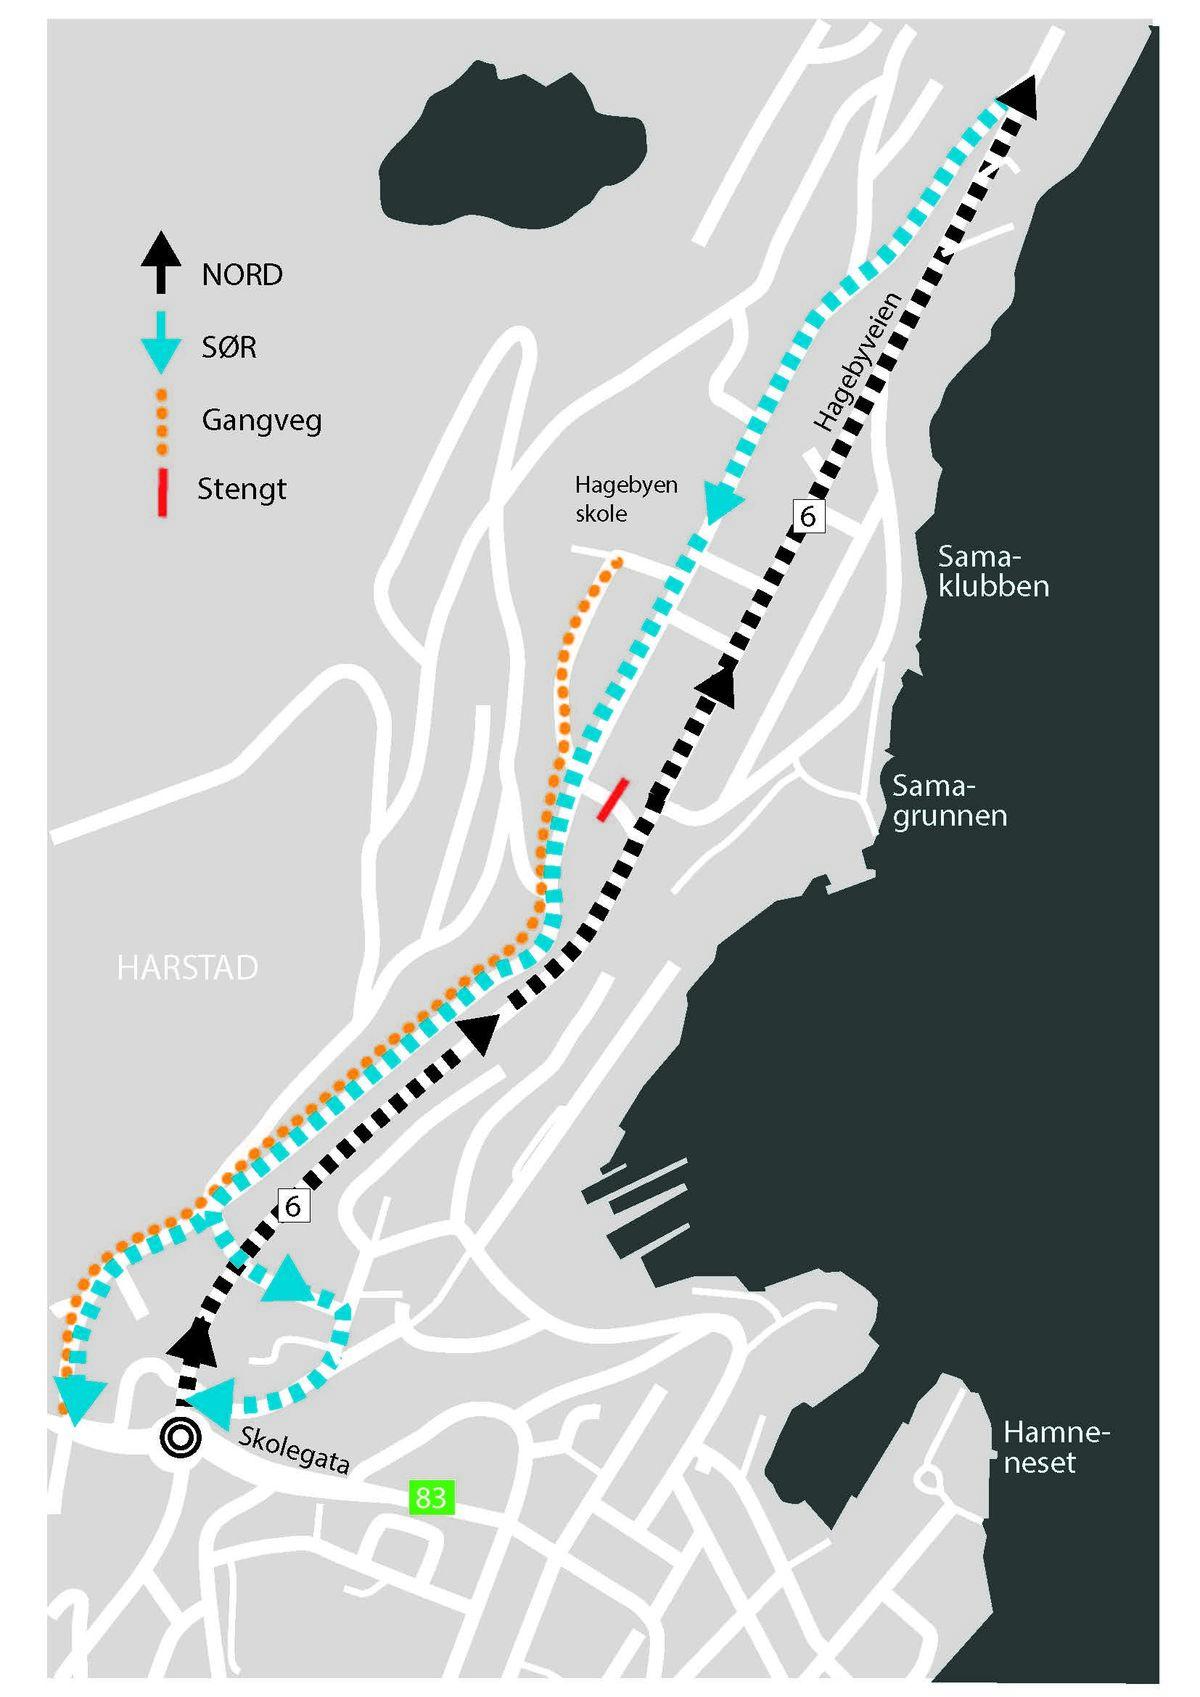 18-1647 - Kart harstad4